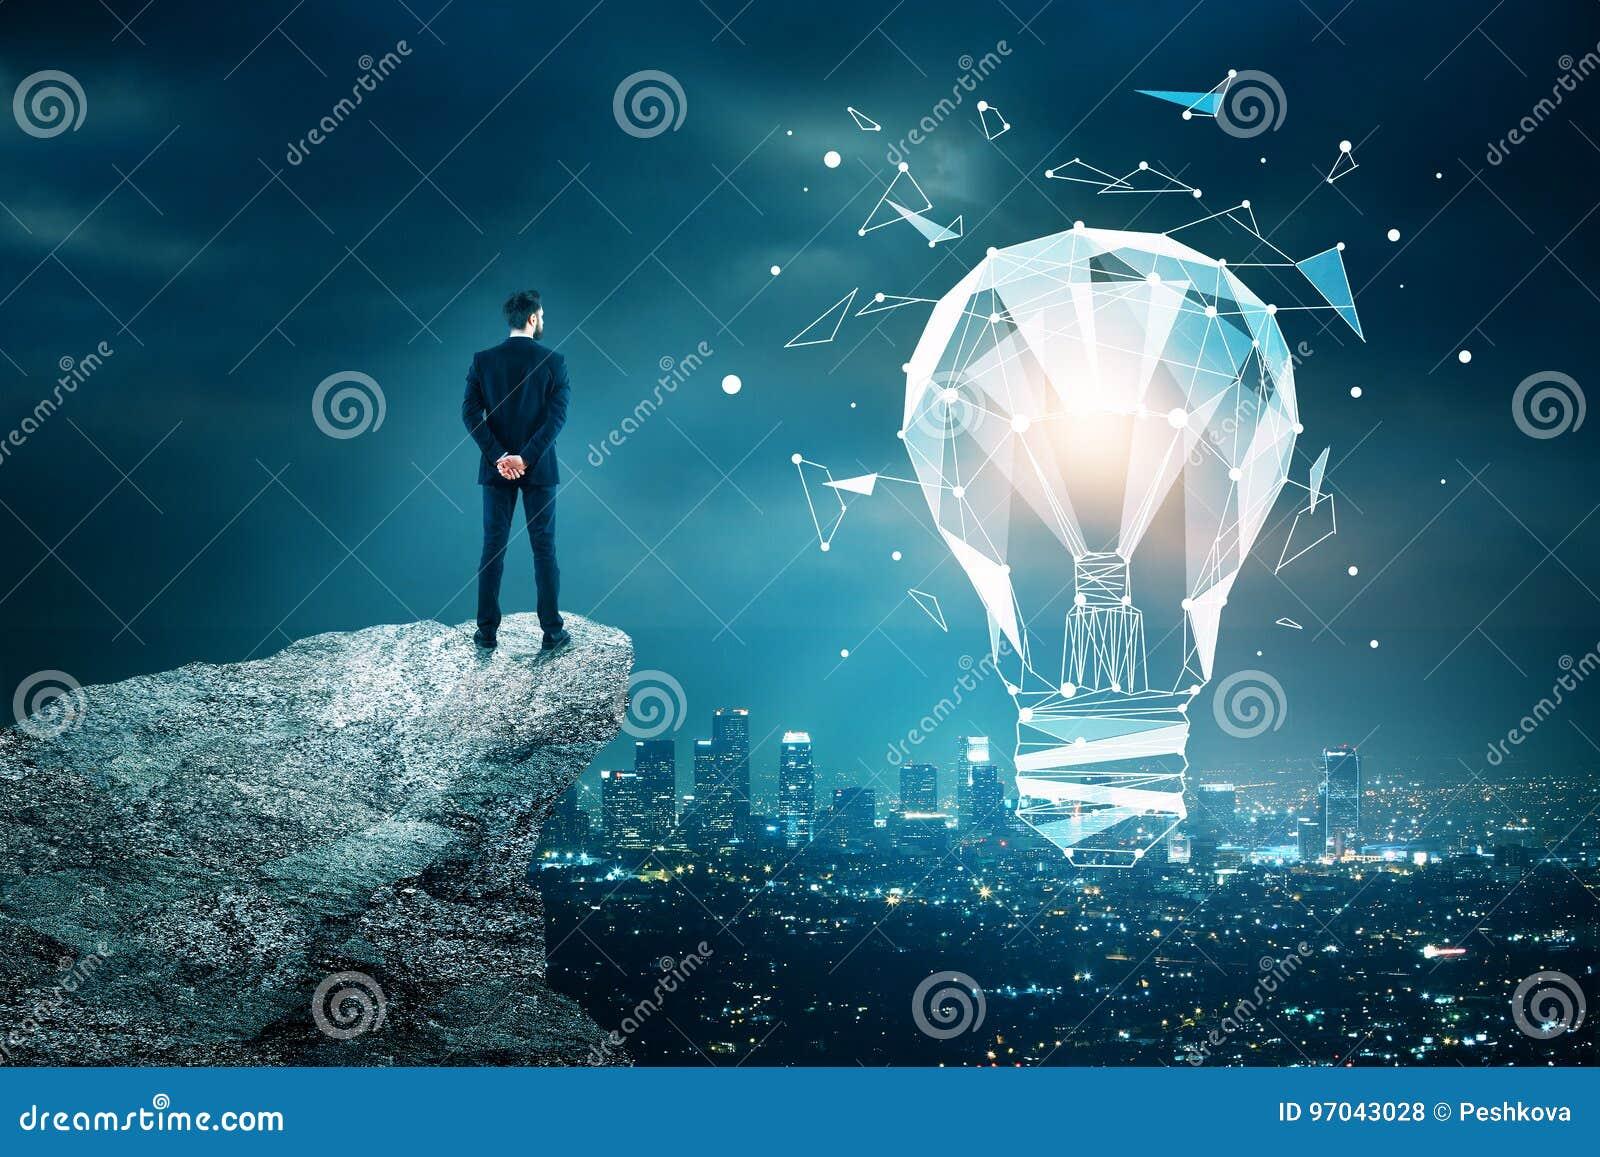 Innovations-, Technologie- und Ideenkonzept